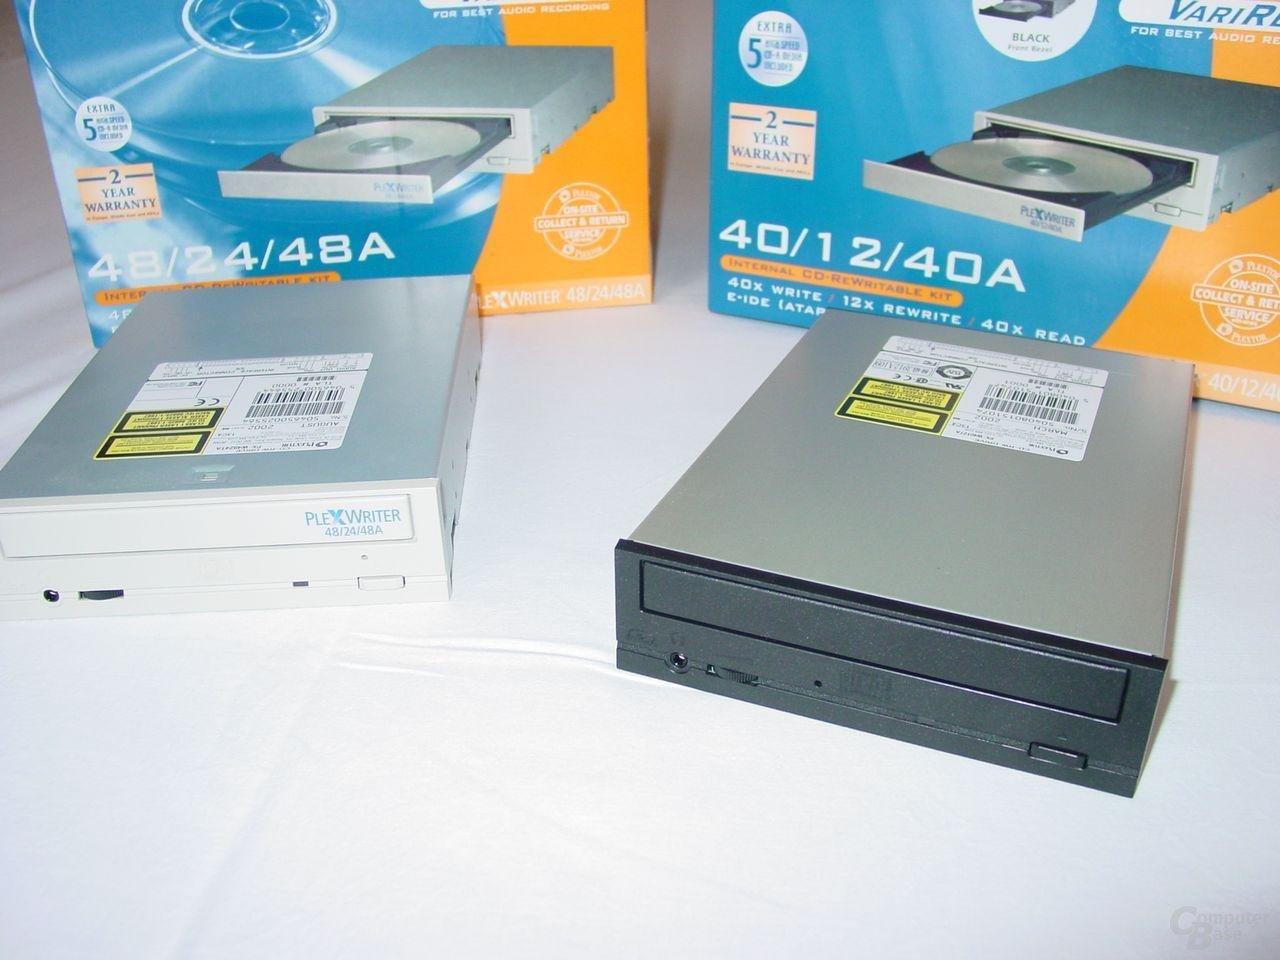 Verpackungen und Laufwerke PX-4824TA und PX-4012TA